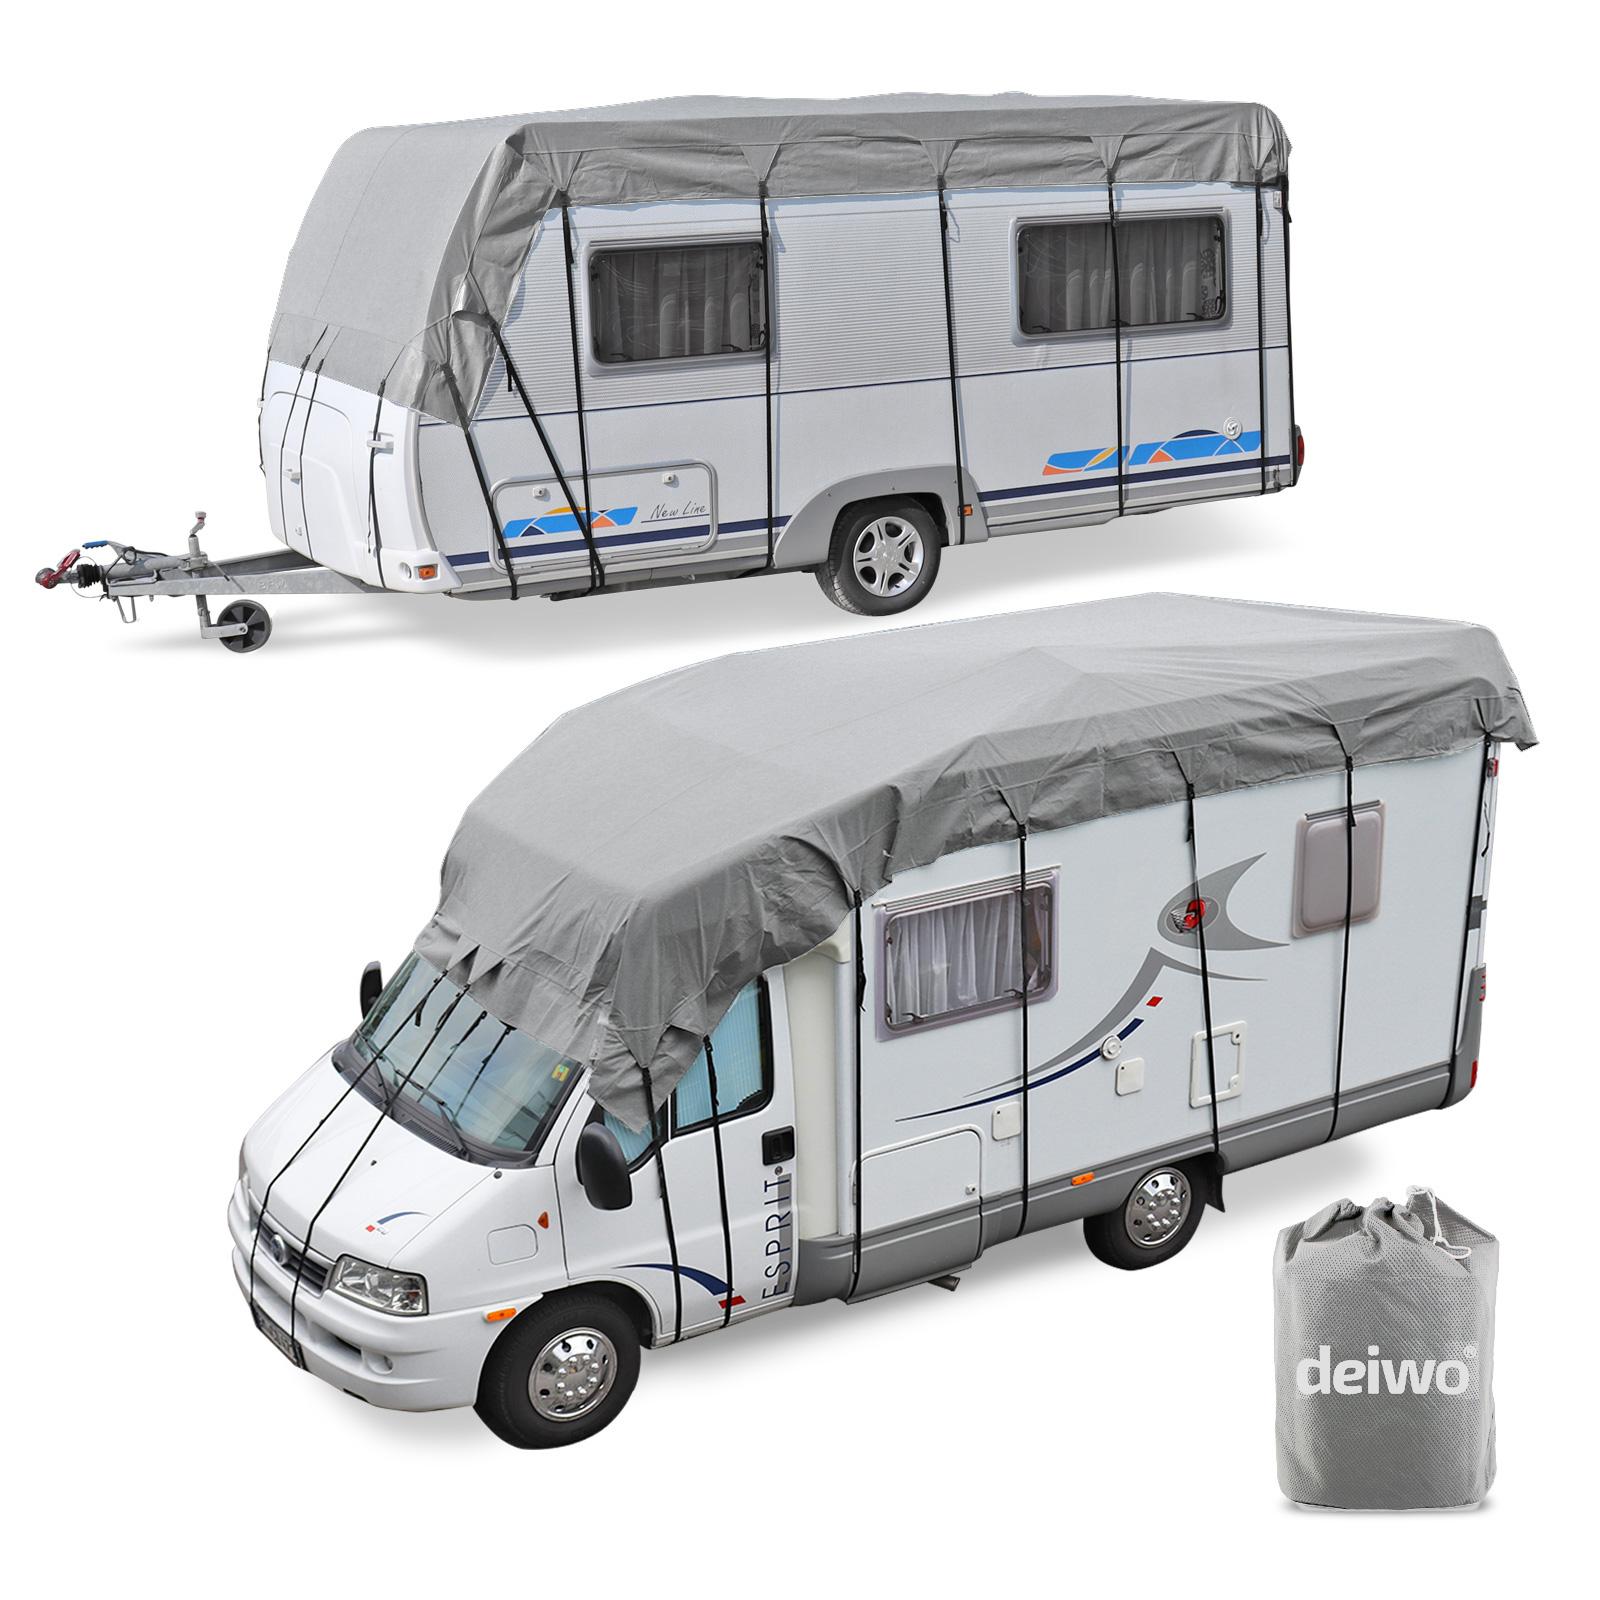 Wohnwagen Wohnmobil Reisemobil Schutzdach Dachschutzplane Schutzhülle 10x3 m